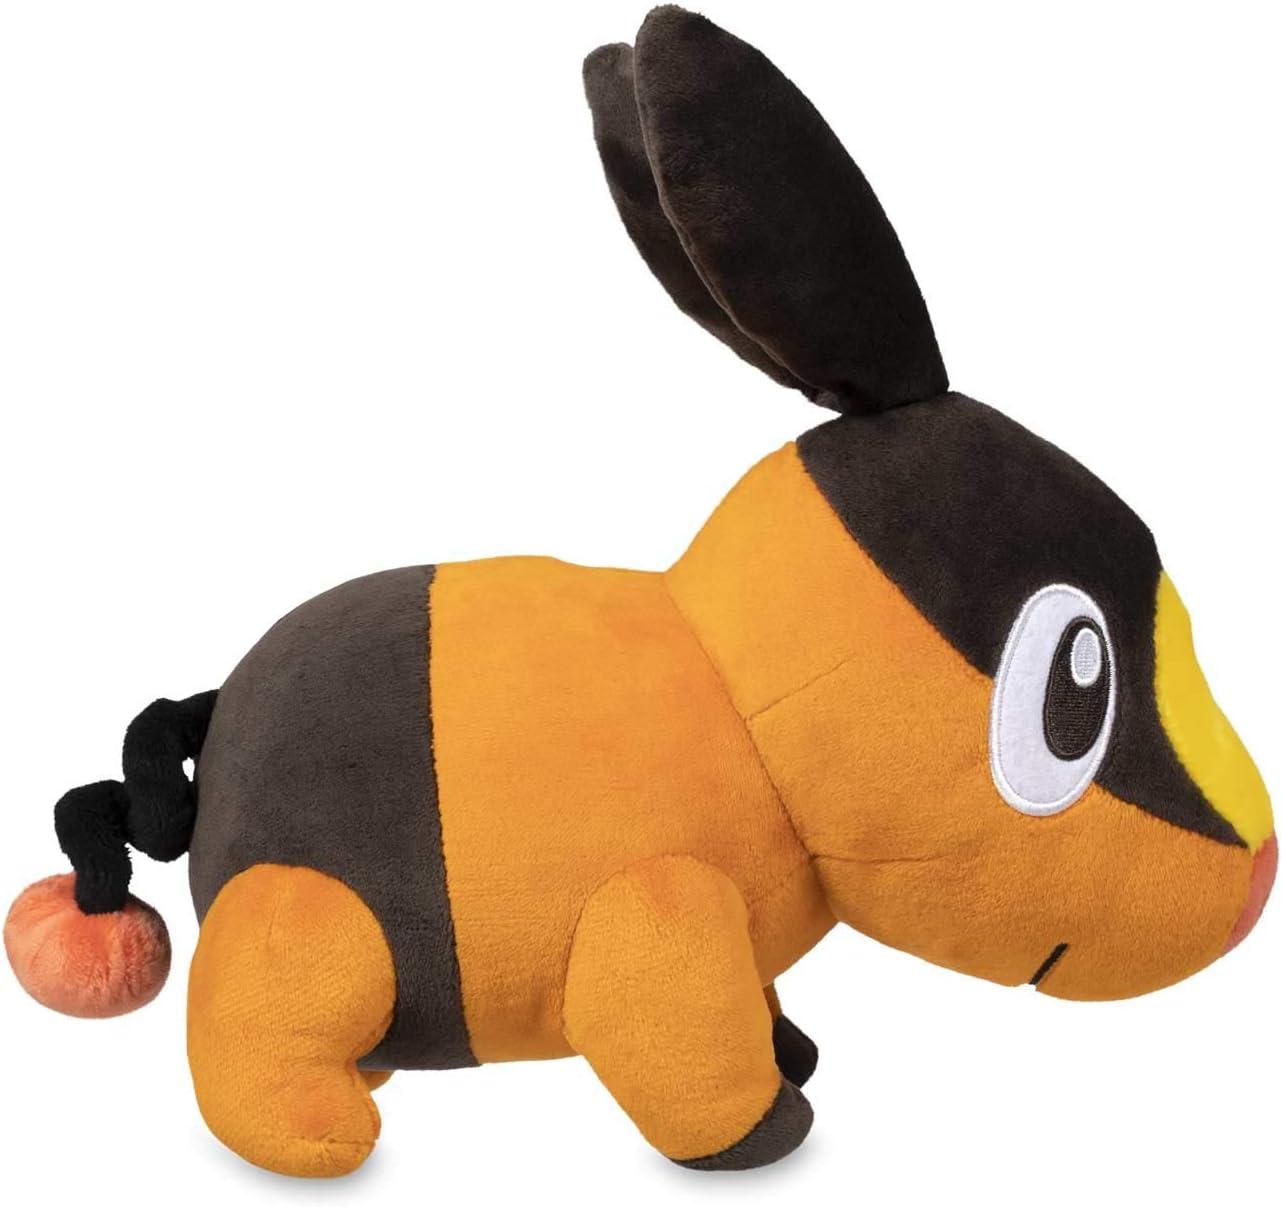 . Pokemon Center Pokabu Tepig Peluche Muñeco de Peluche Figura Llavero Colgante 5 in approx. 12.70 cm